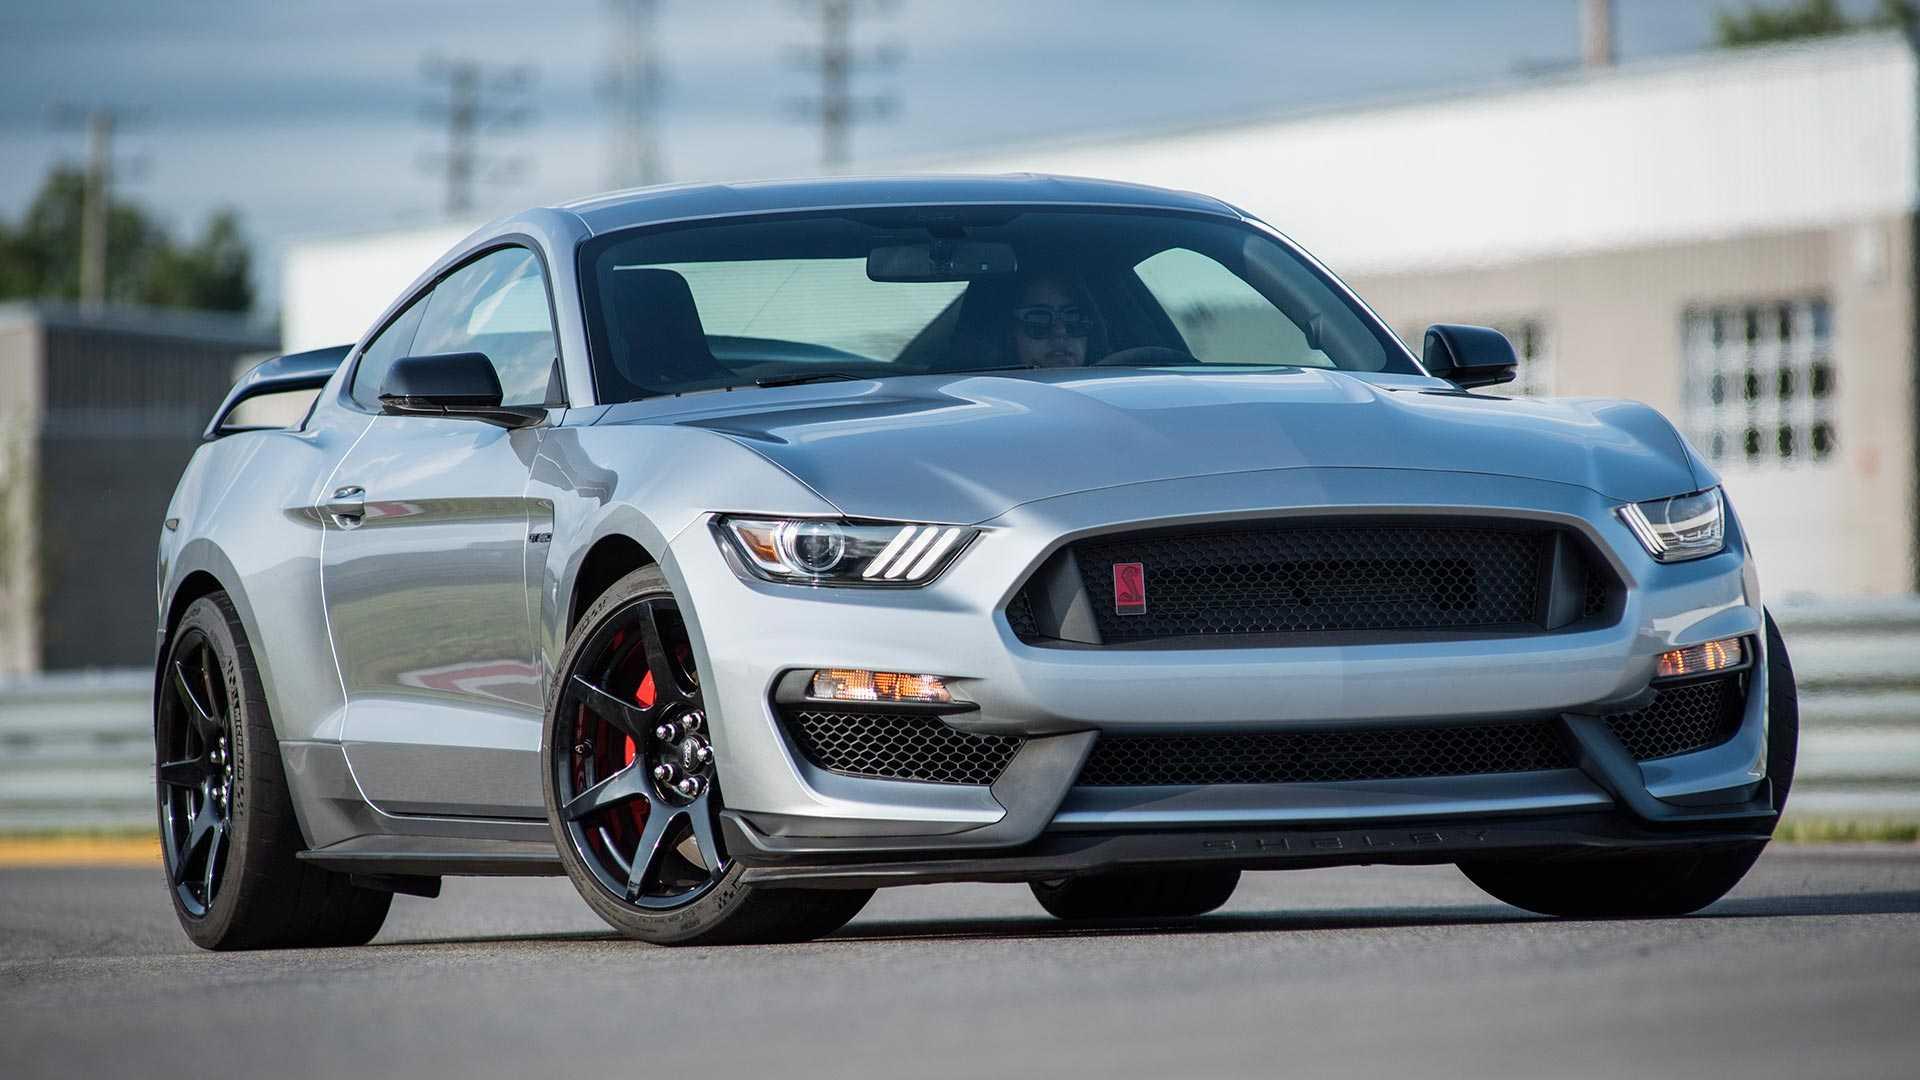 Ford Performance представил обновленную версию гоночного Shelby Mustang GT350R с элементами шасси от 770-сильного суперкара GT500.